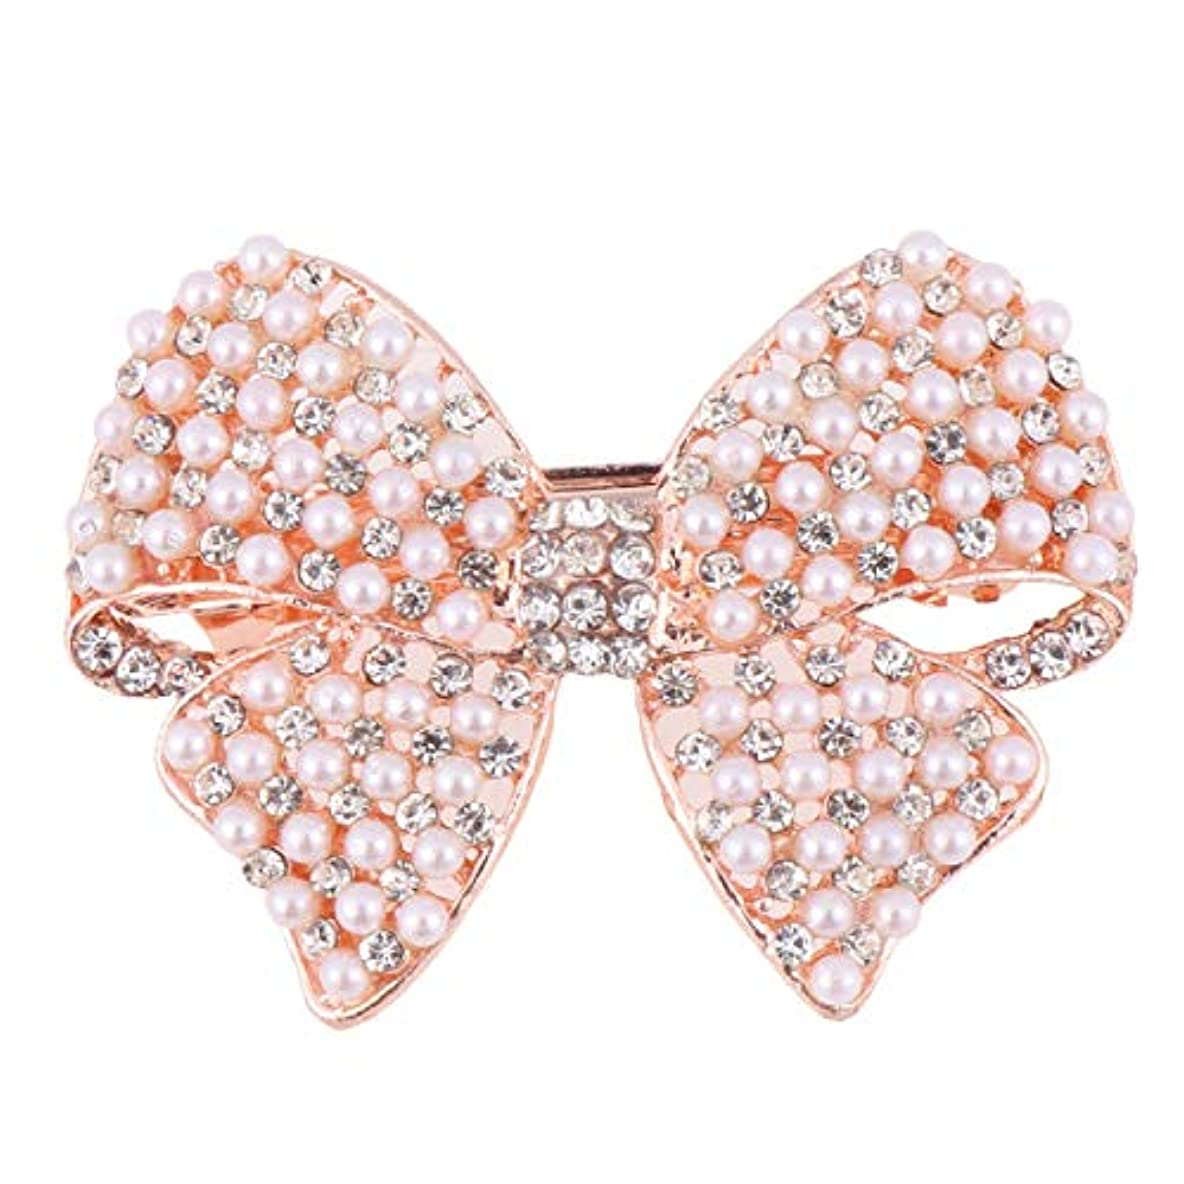 ホバーイブニング年齢Beaupretty 女性のための真珠の弓のヘアクリップラインストーンヘアピンヘッドドレスバレッタちょう結び